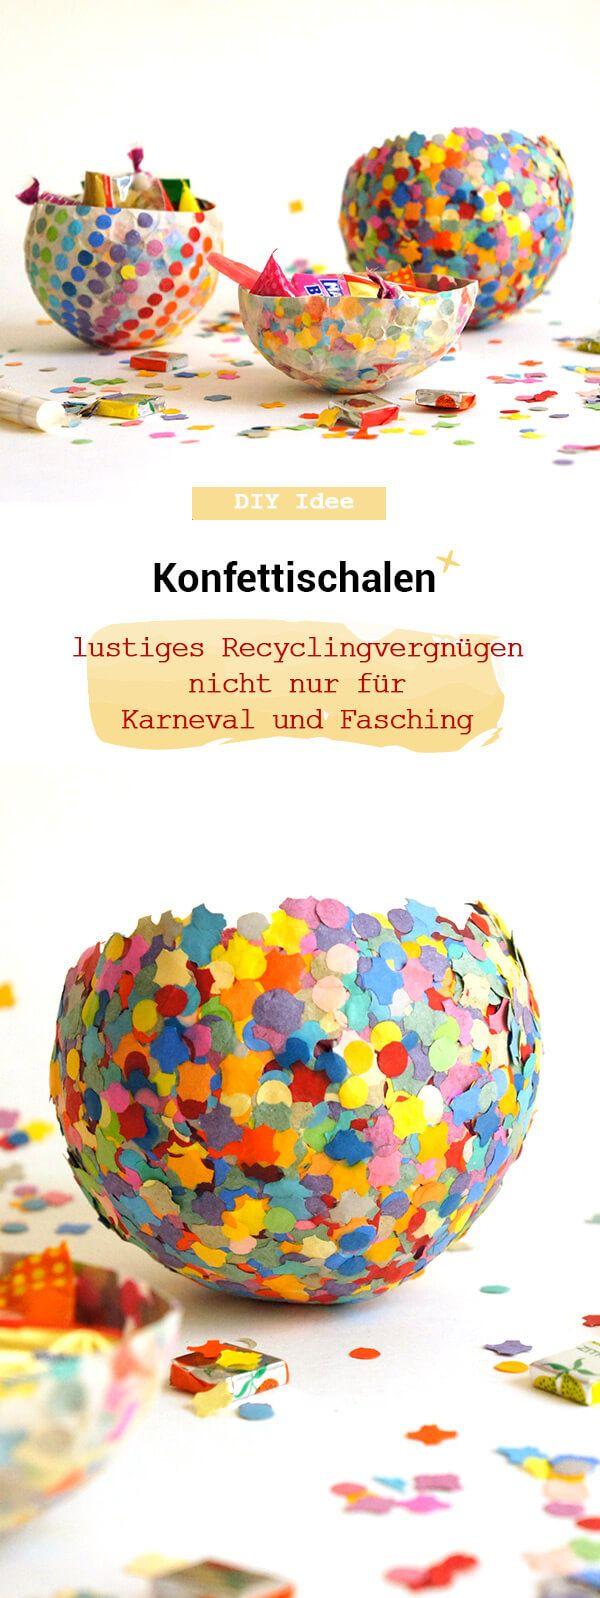 Recycling Konfettischale aus Pappmachée - Frau Scheiner